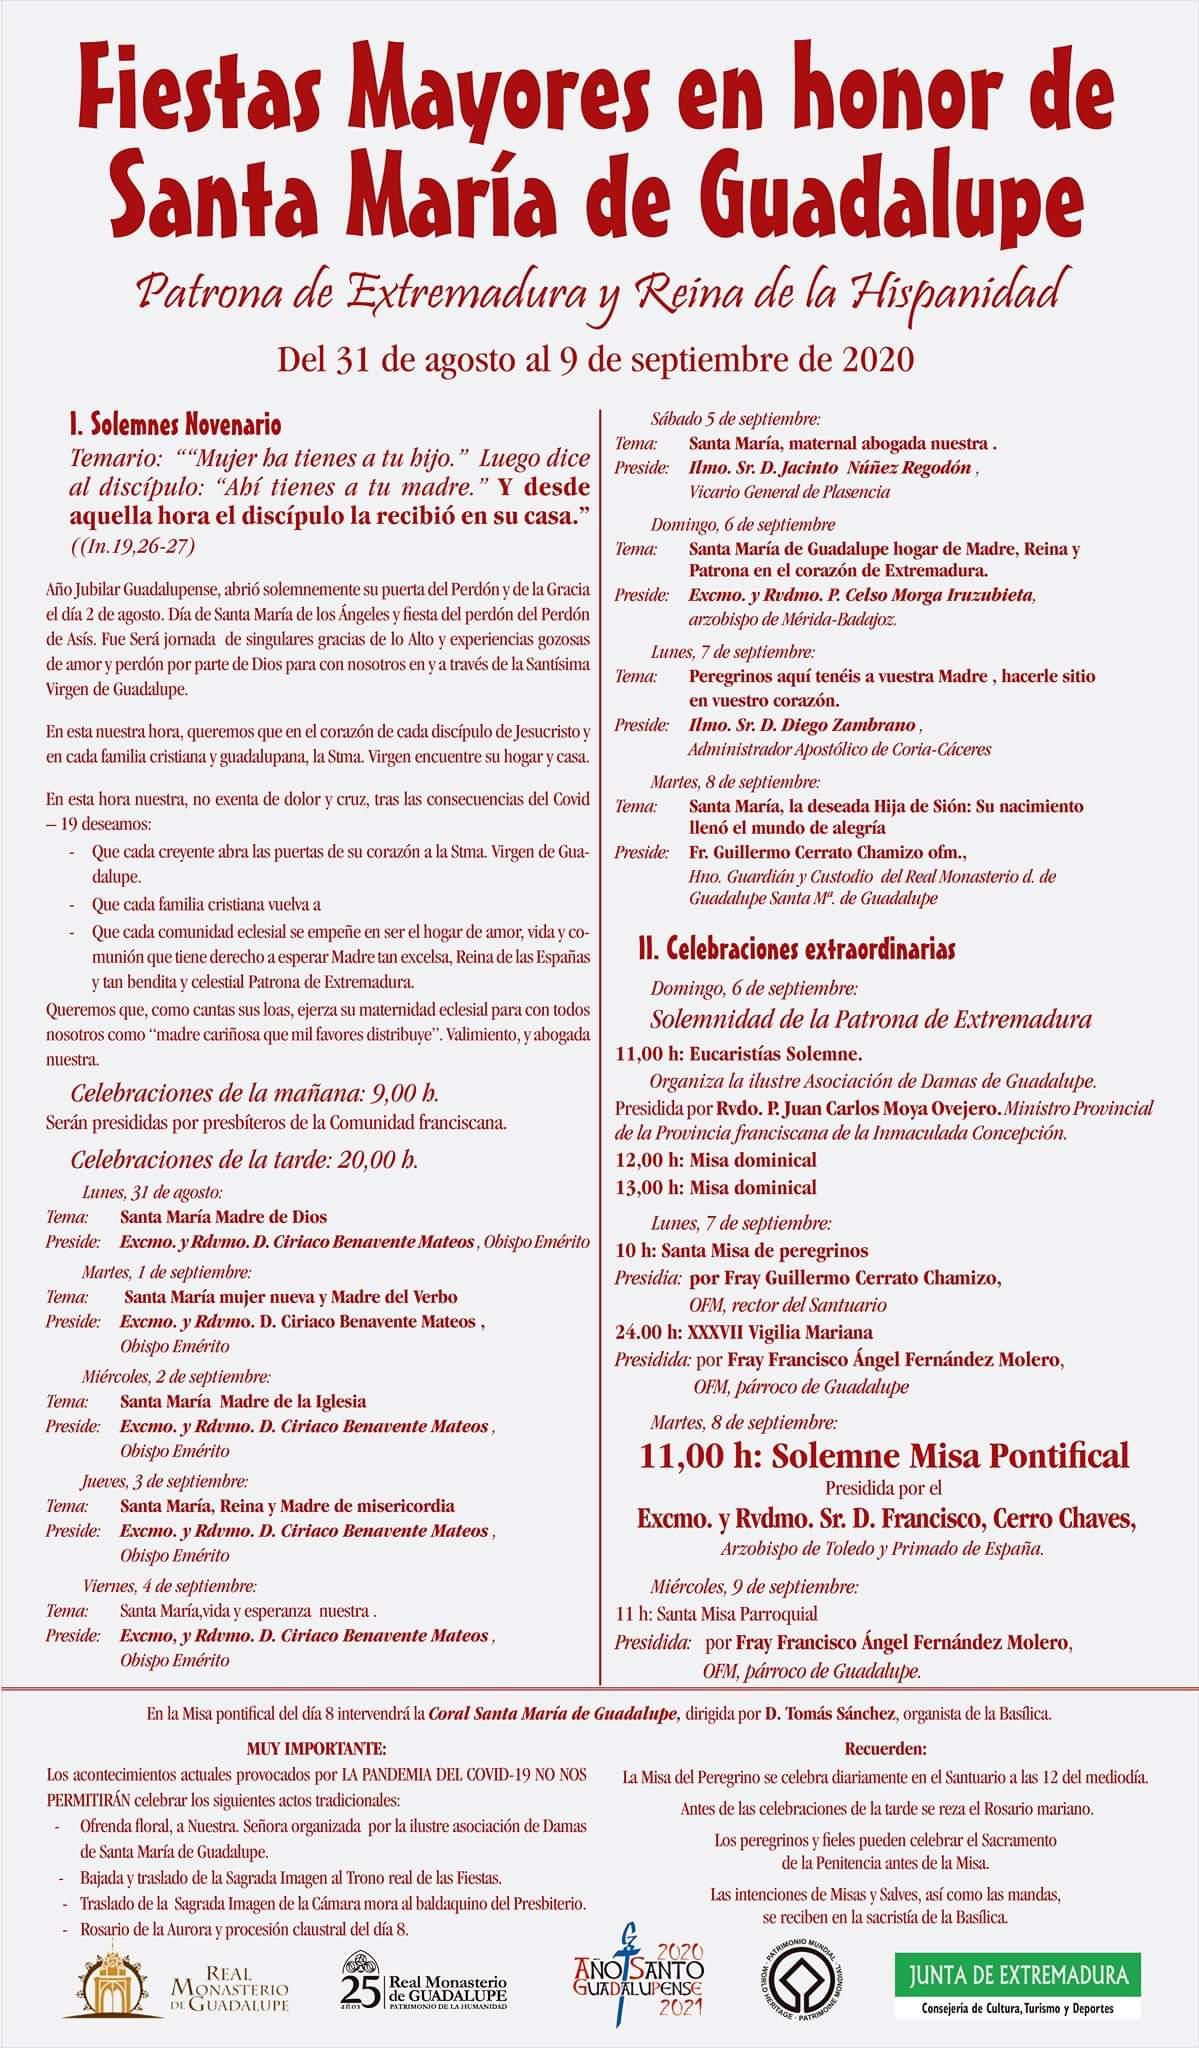 Fiestas mayores en honor de Santa María de Guadalupe (2020) - Guadalupe (Cáceres) 2